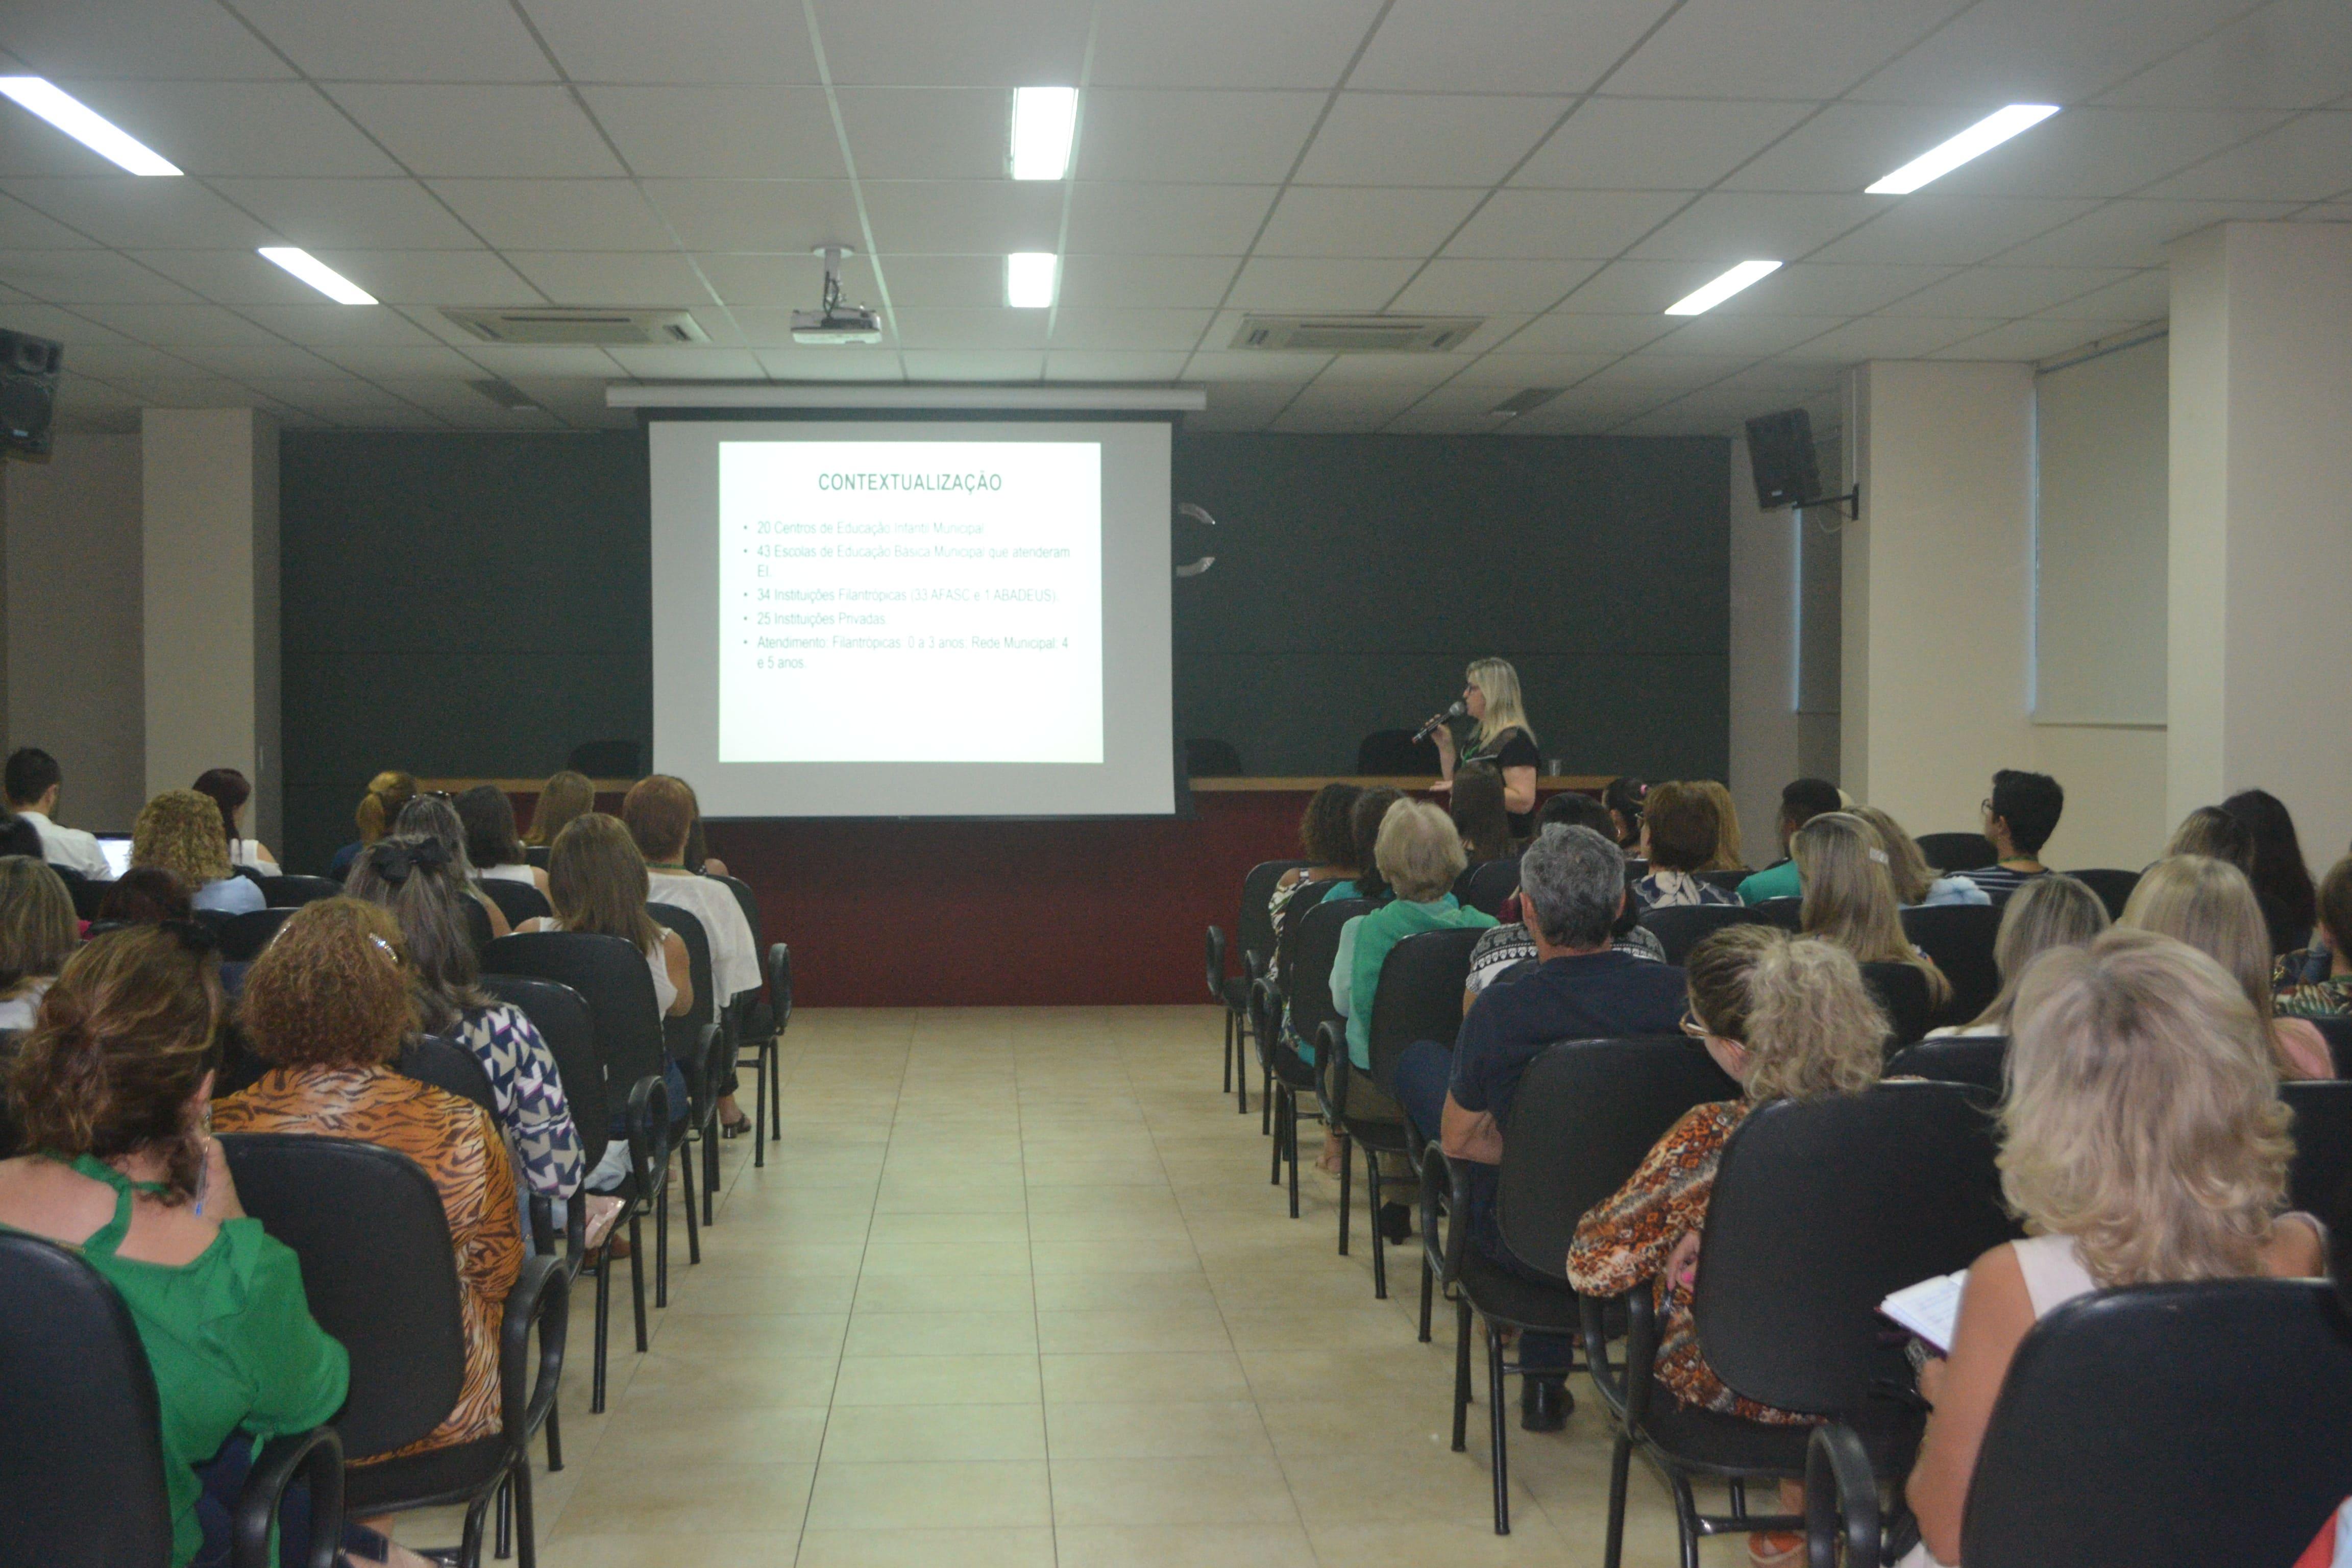 Prefeitura Municipal de Criciúma - Prorrogado prazo para participação no Plano Municipal de Educação